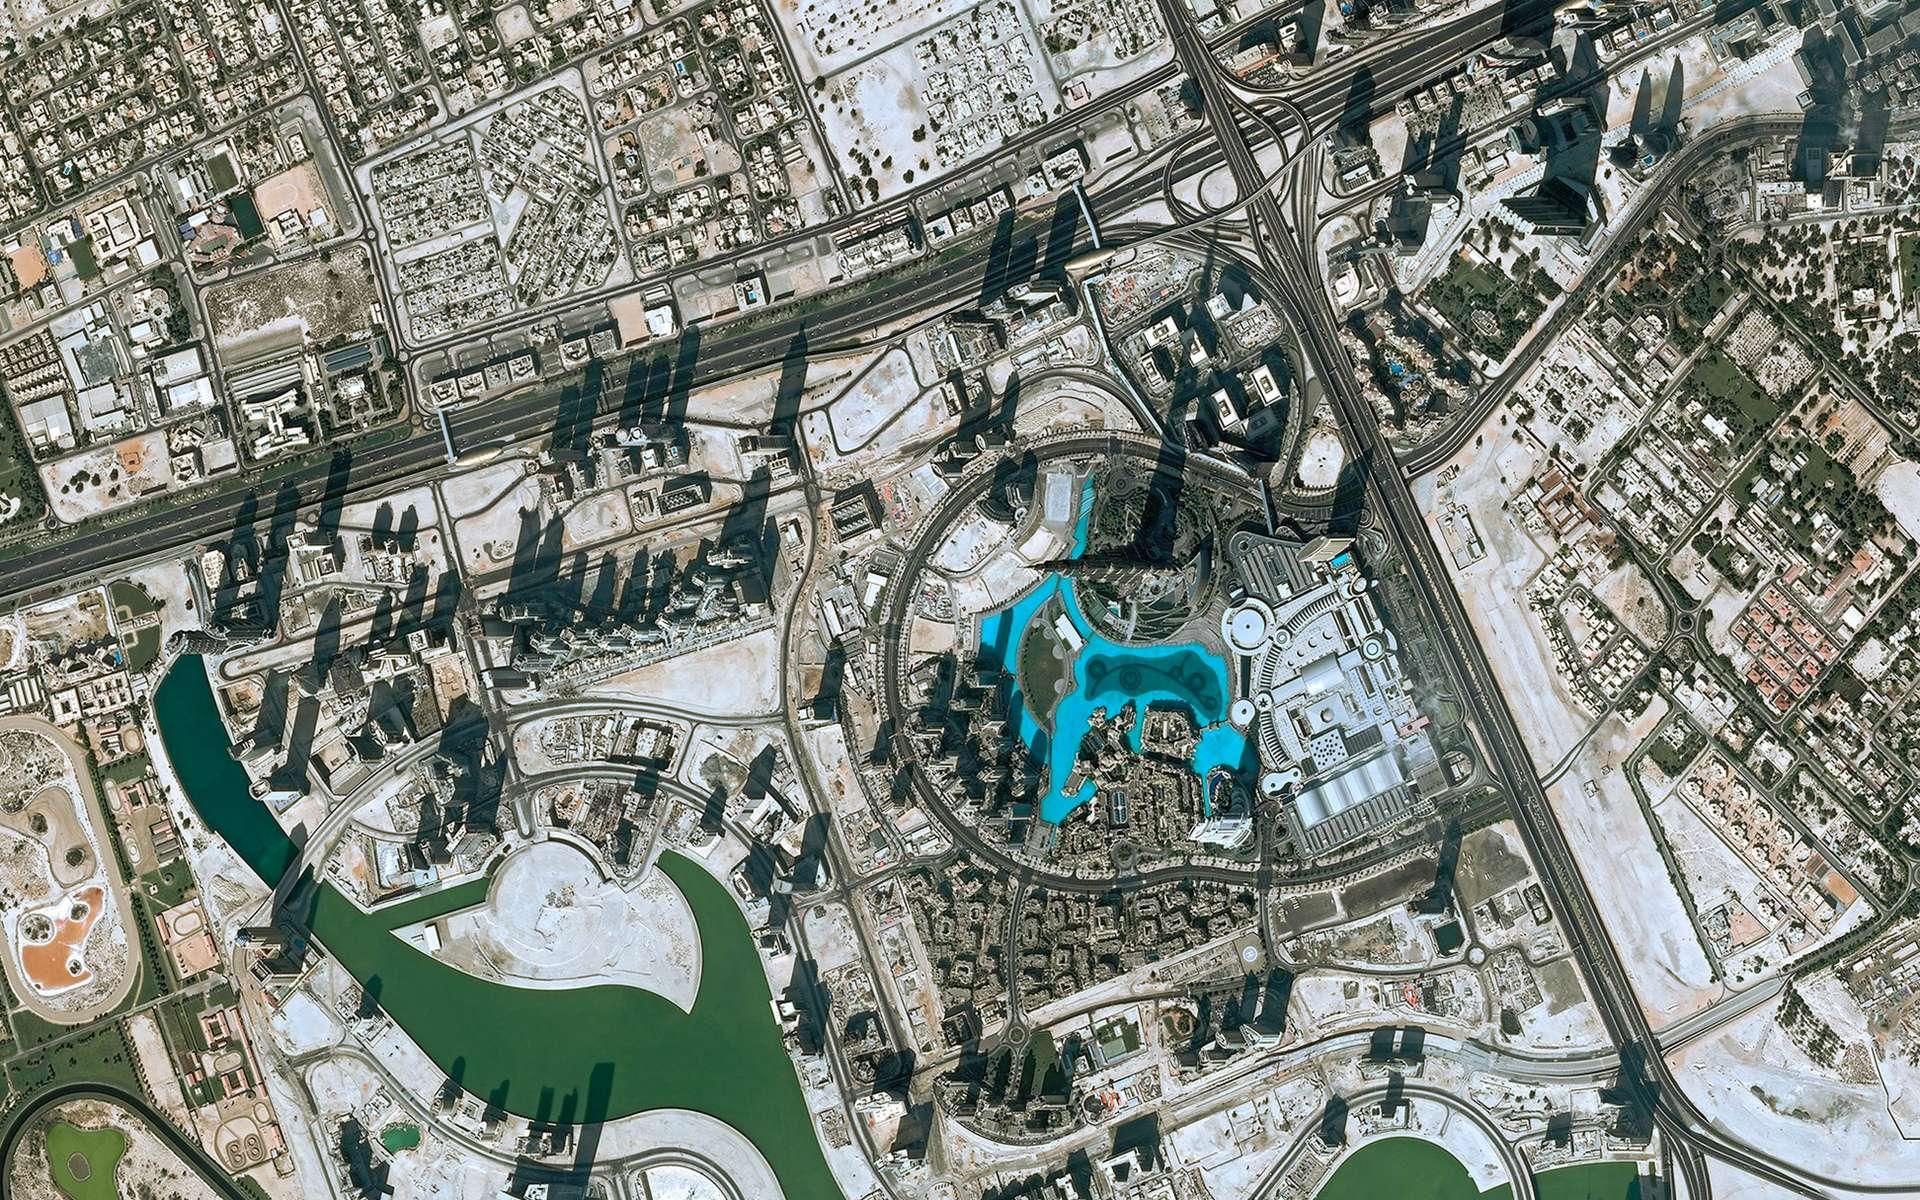 Le quartier du Burj Khalifa à Dubaï photographié par Pléiades. © Airbus Intelligence